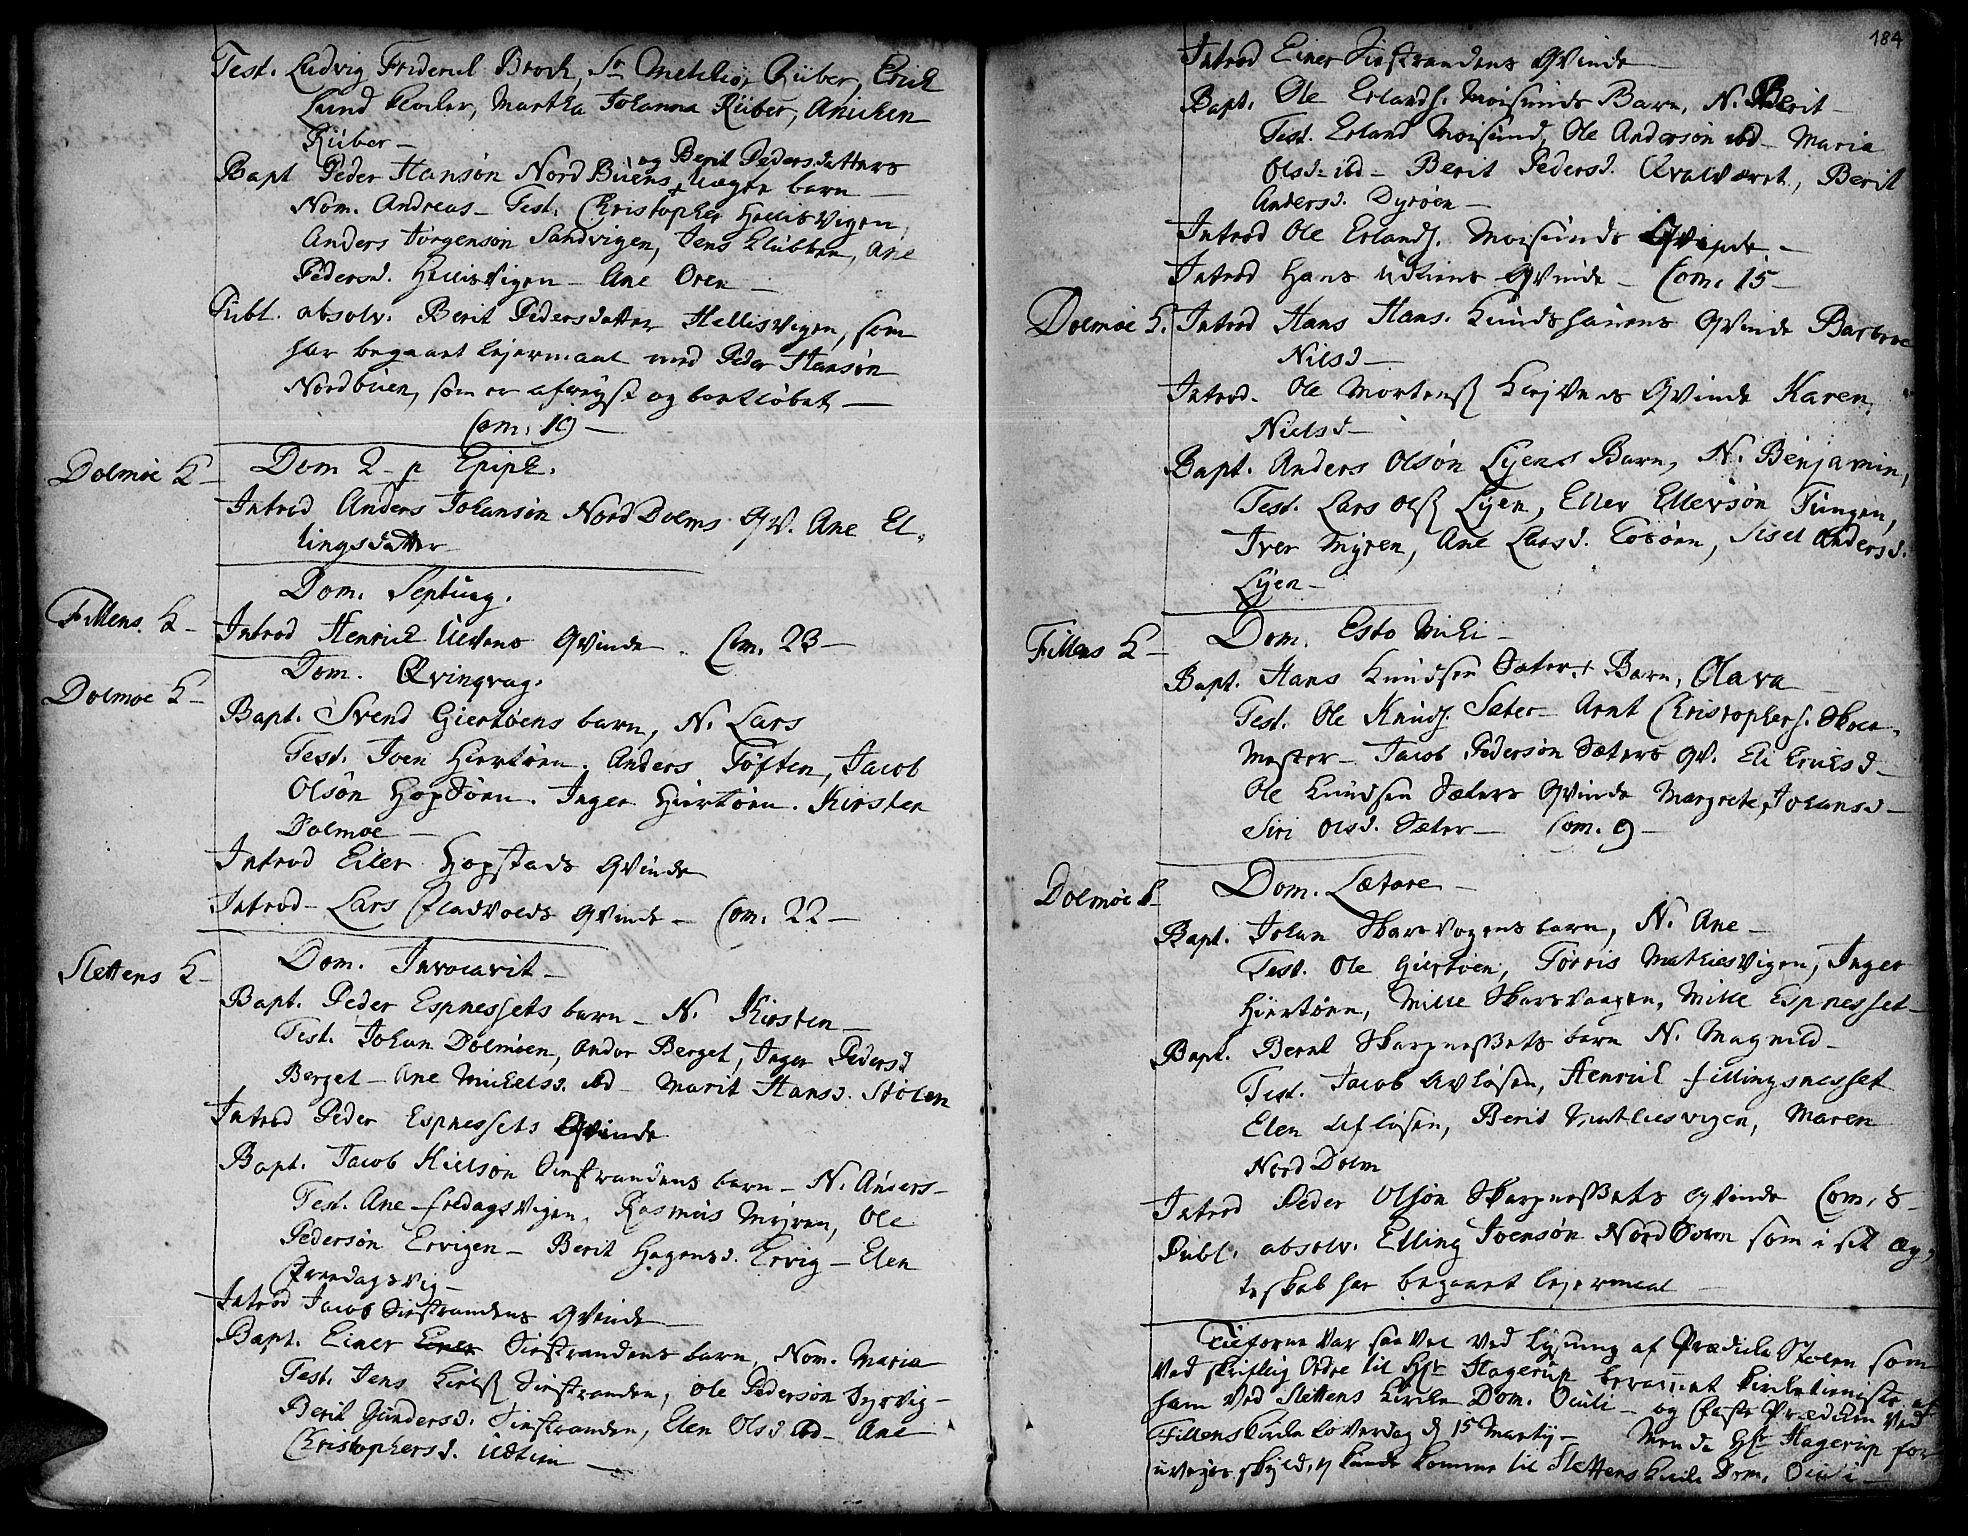 SAT, Ministerialprotokoller, klokkerbøker og fødselsregistre - Sør-Trøndelag, 634/L0525: Ministerialbok nr. 634A01, 1736-1775, s. 184